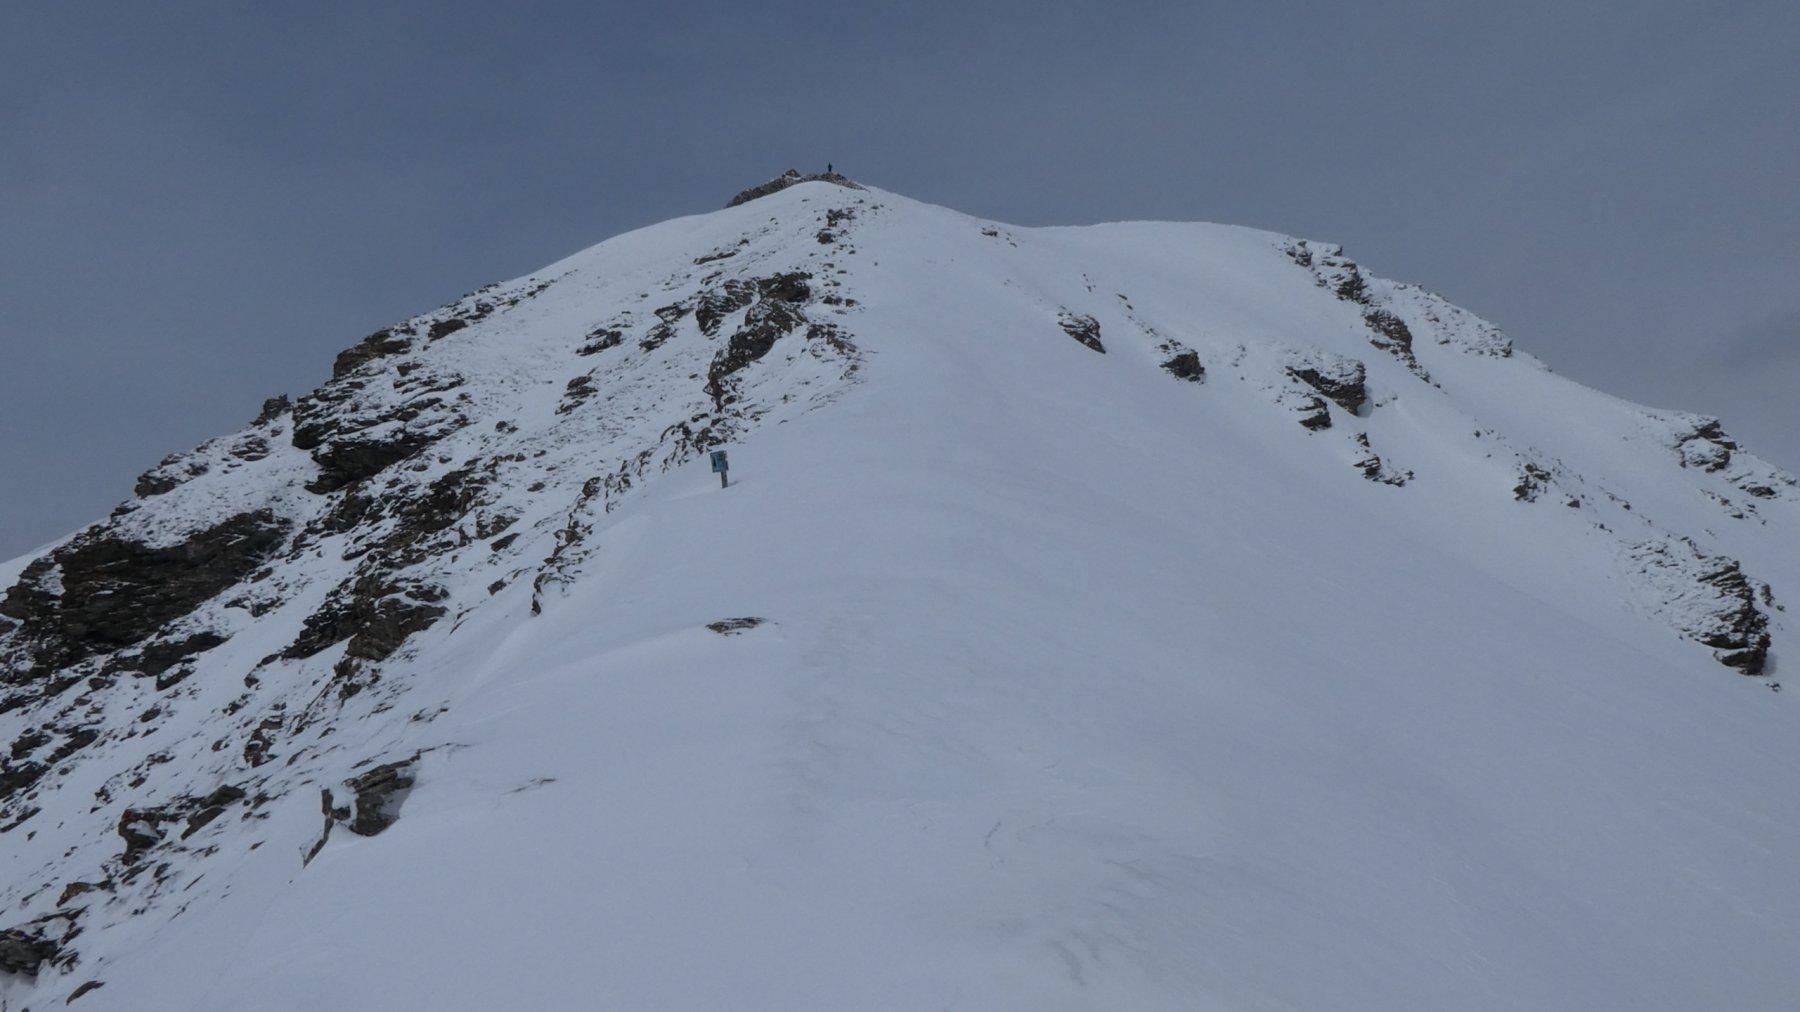 la cresta Est del Monte Gran Costa vista dal colletto di quota 2400 m